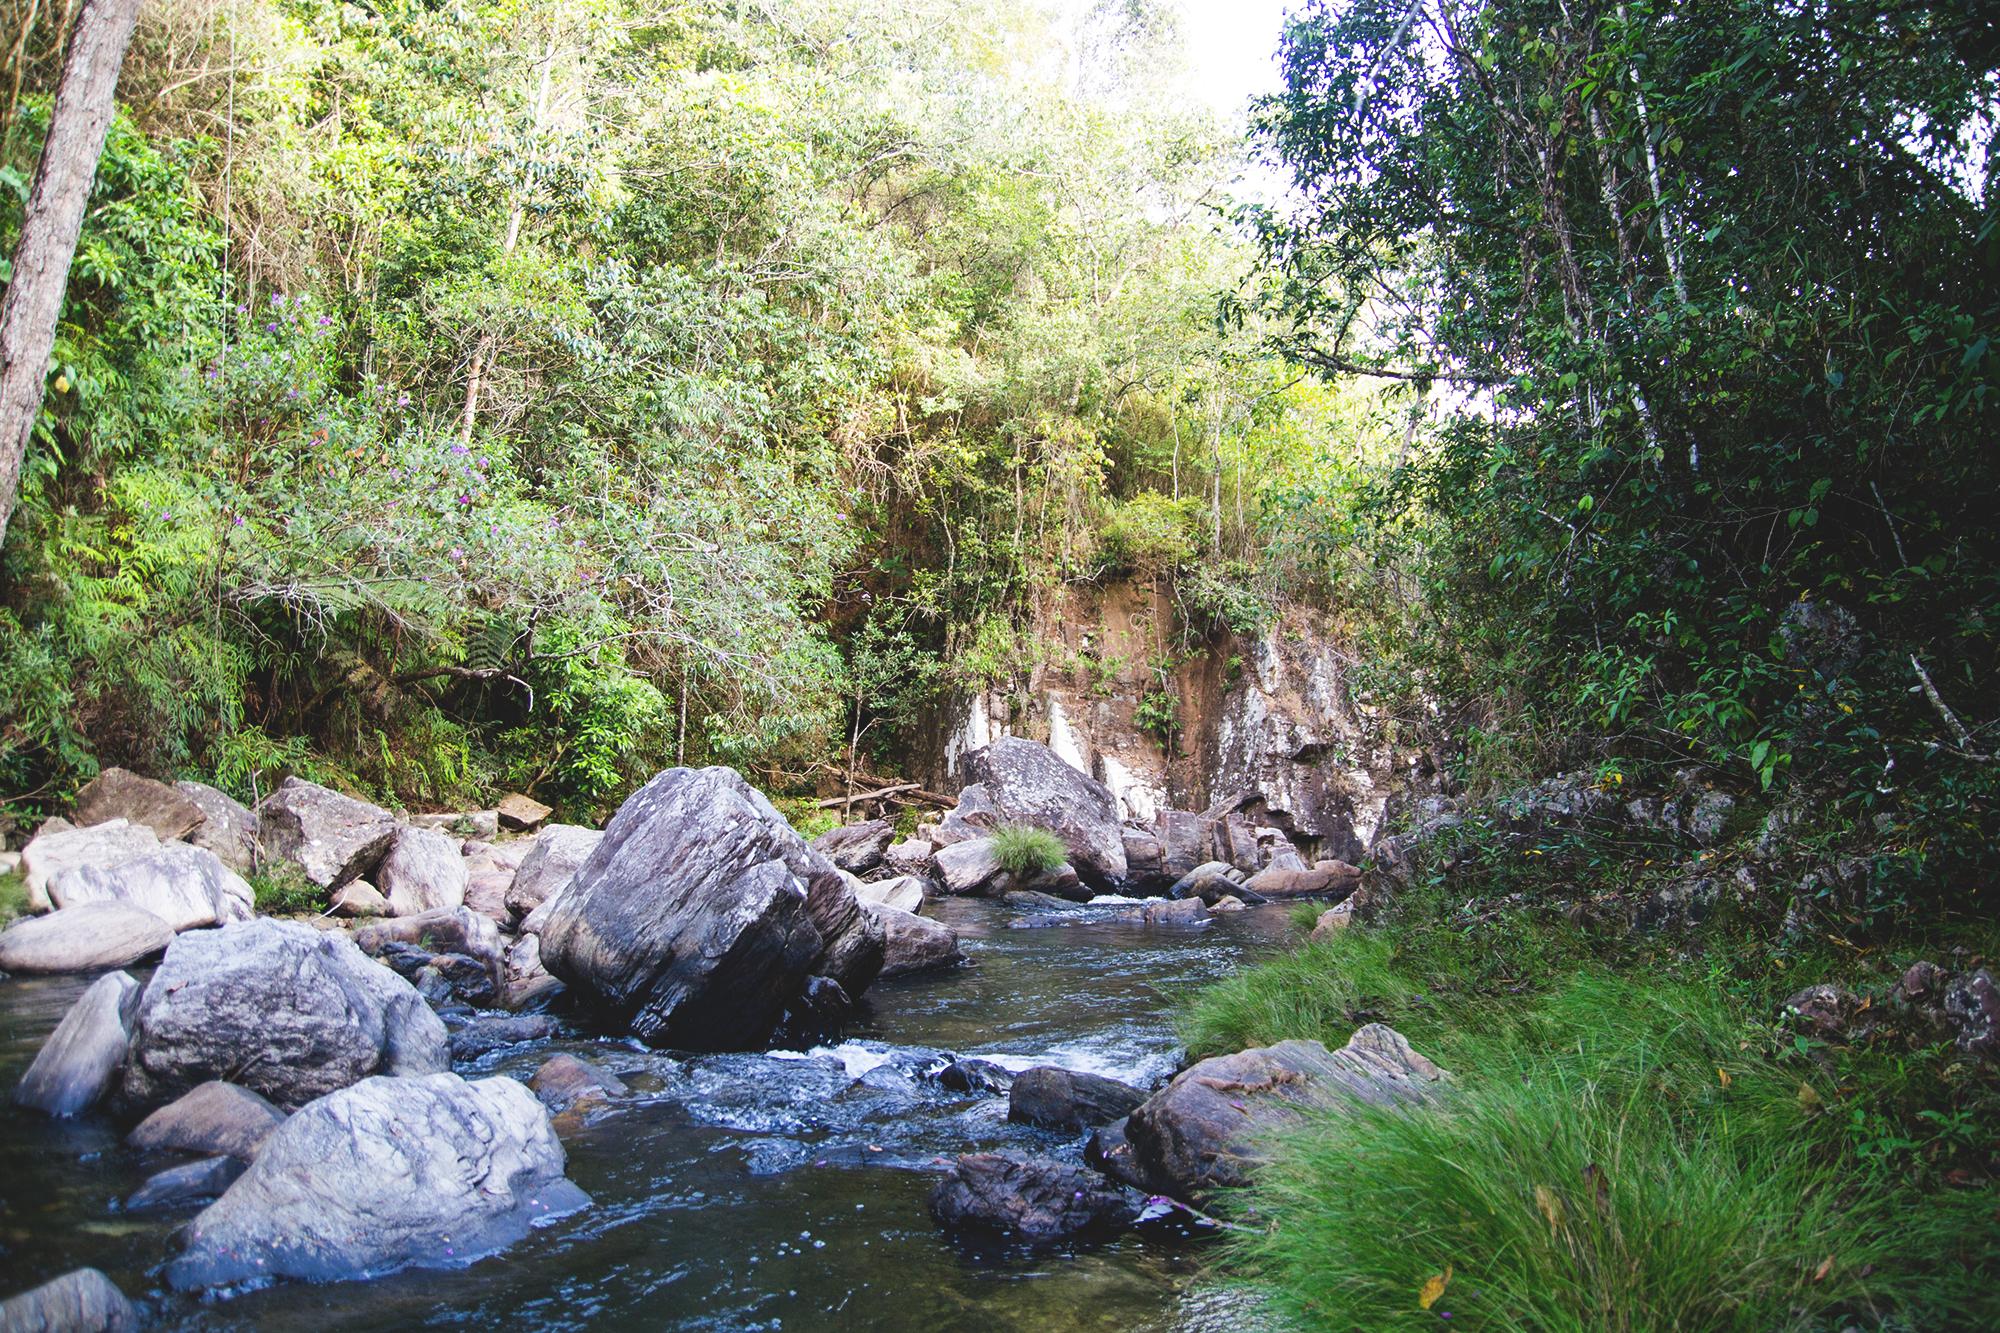 Essa é uma das cachoeiras que podemos vivenciar nesse paraíso natural. É apenas uma amostra, porque tem gigantescas cachoeiras que é incrível.